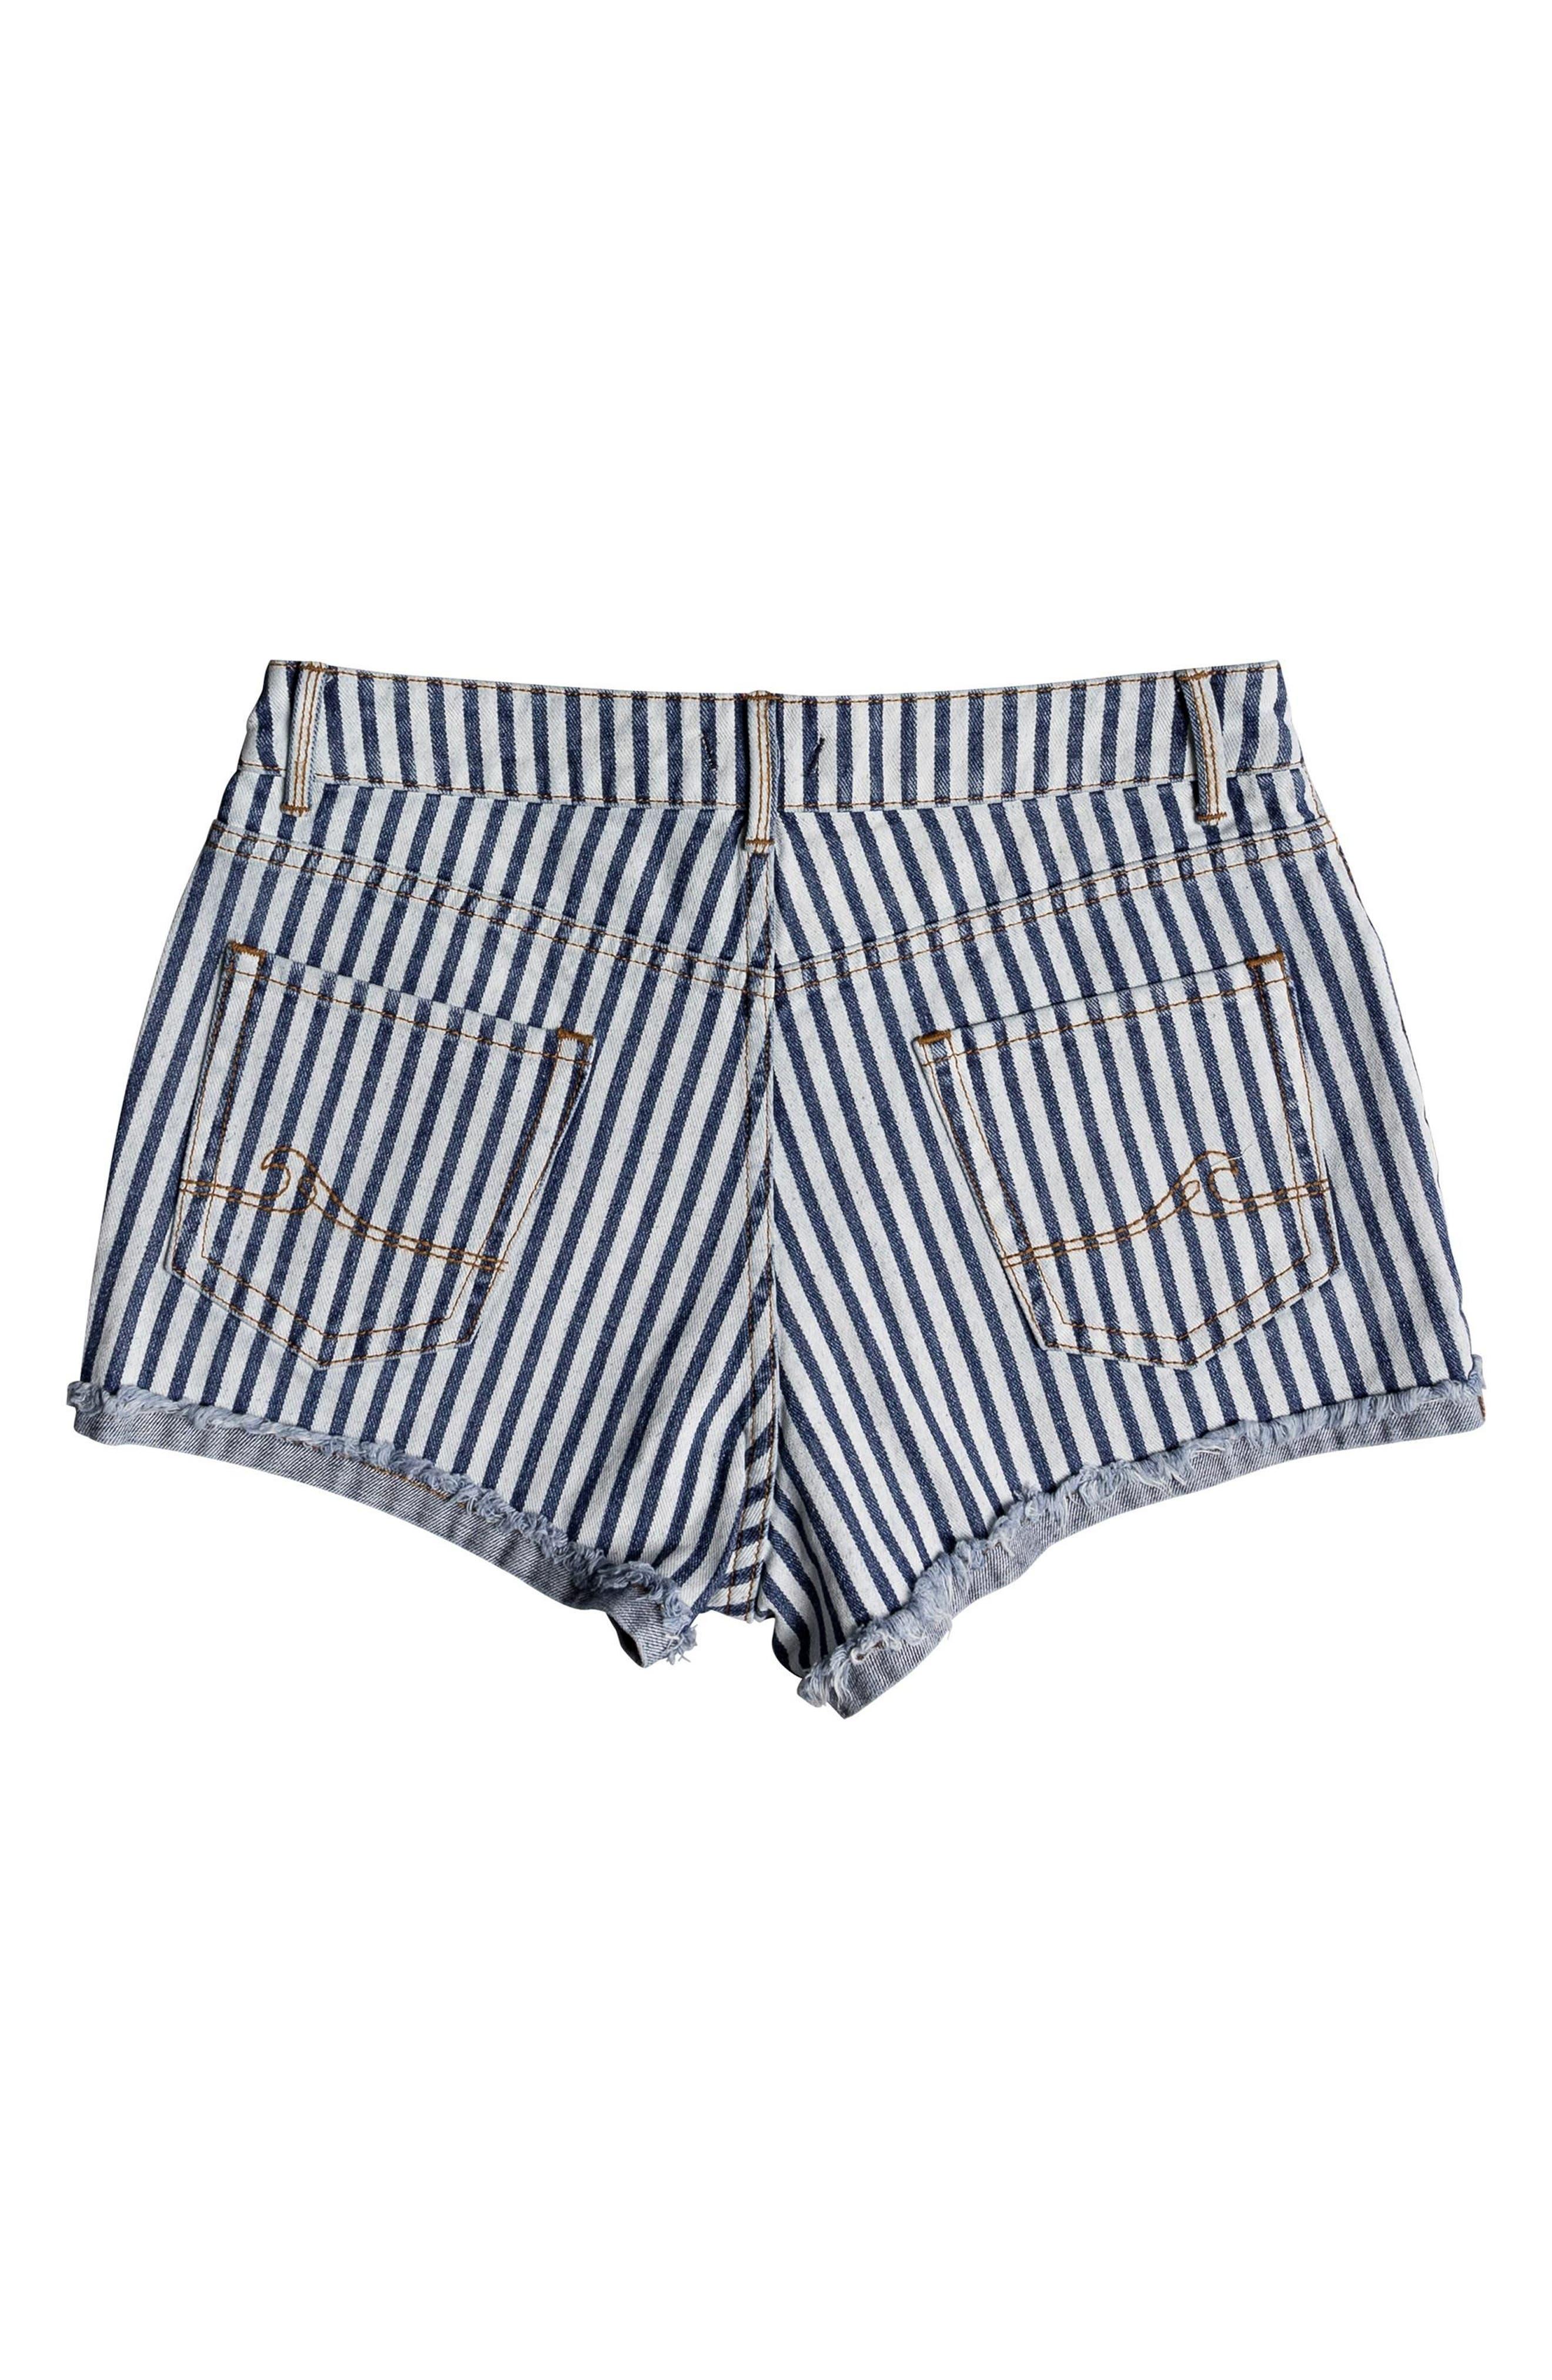 Holbrook Stripe Cotton Shorts,                             Alternate thumbnail 5, color,                             460